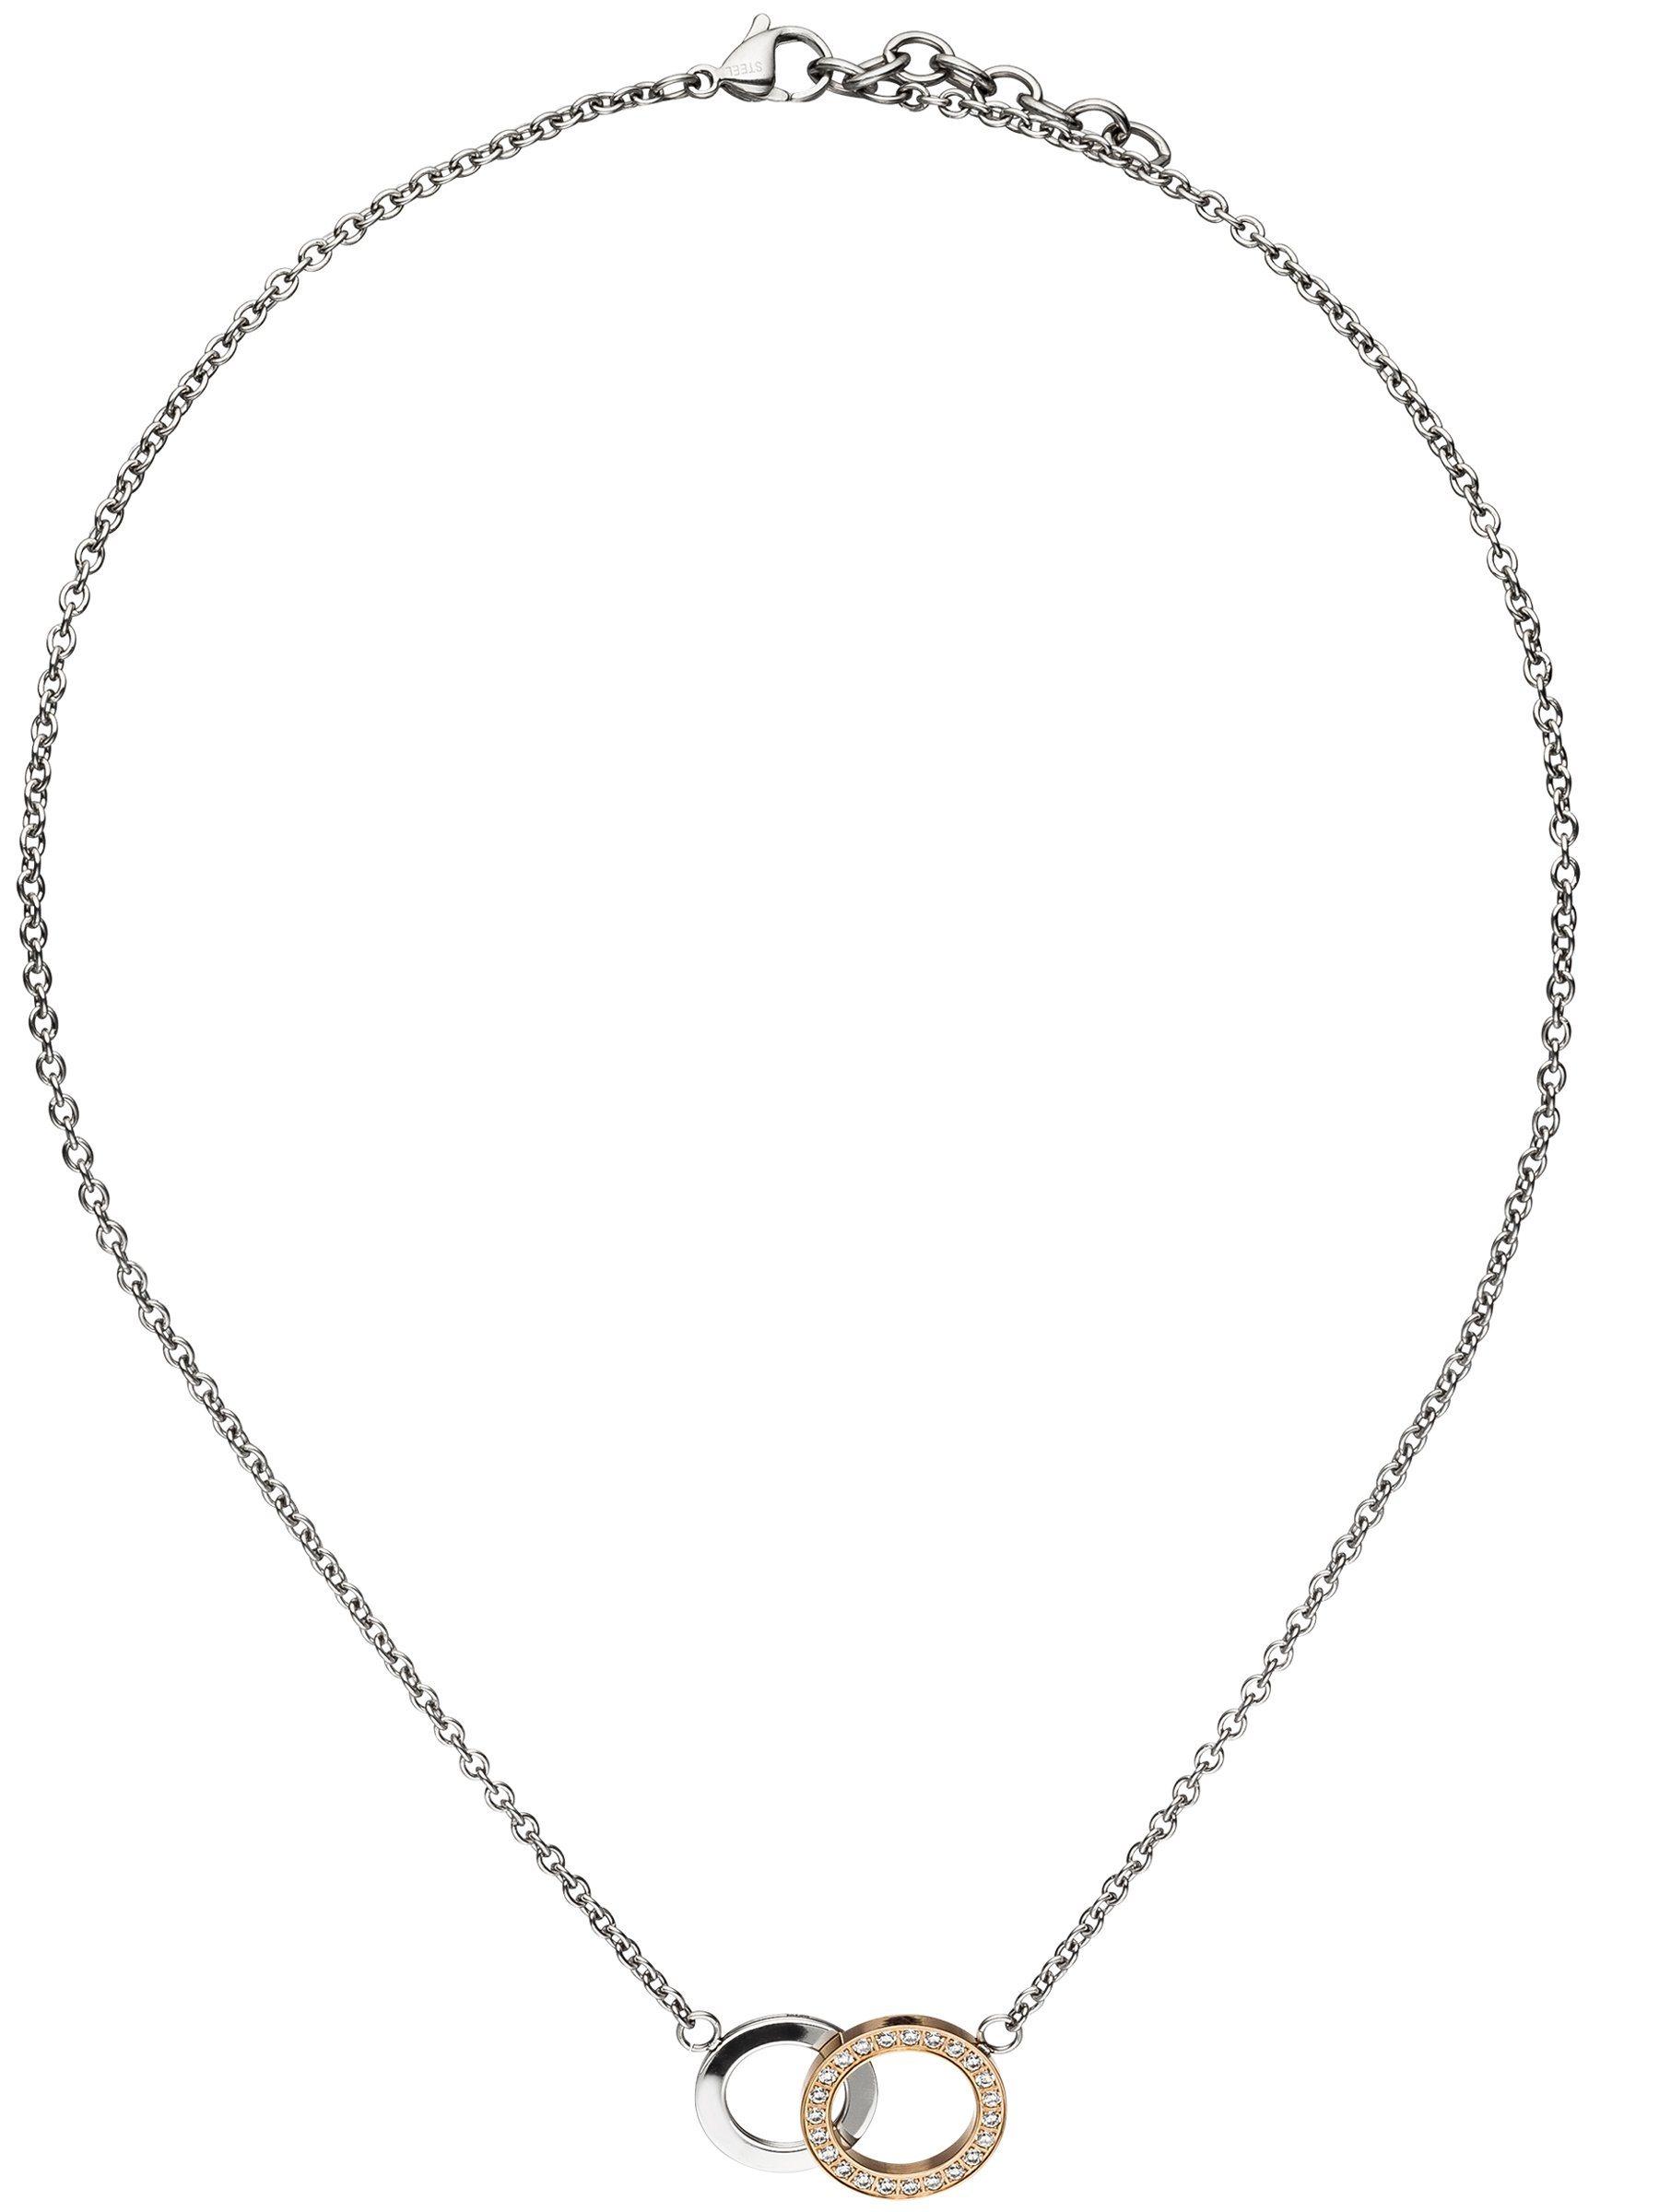 Adelia´s Kette ohne Anhänger Edelstahl mit Zirkonia L - 45 cm | Schmuck > Halsketten > Ketten ohne Anhänger | Goldfarben | Adelia´s